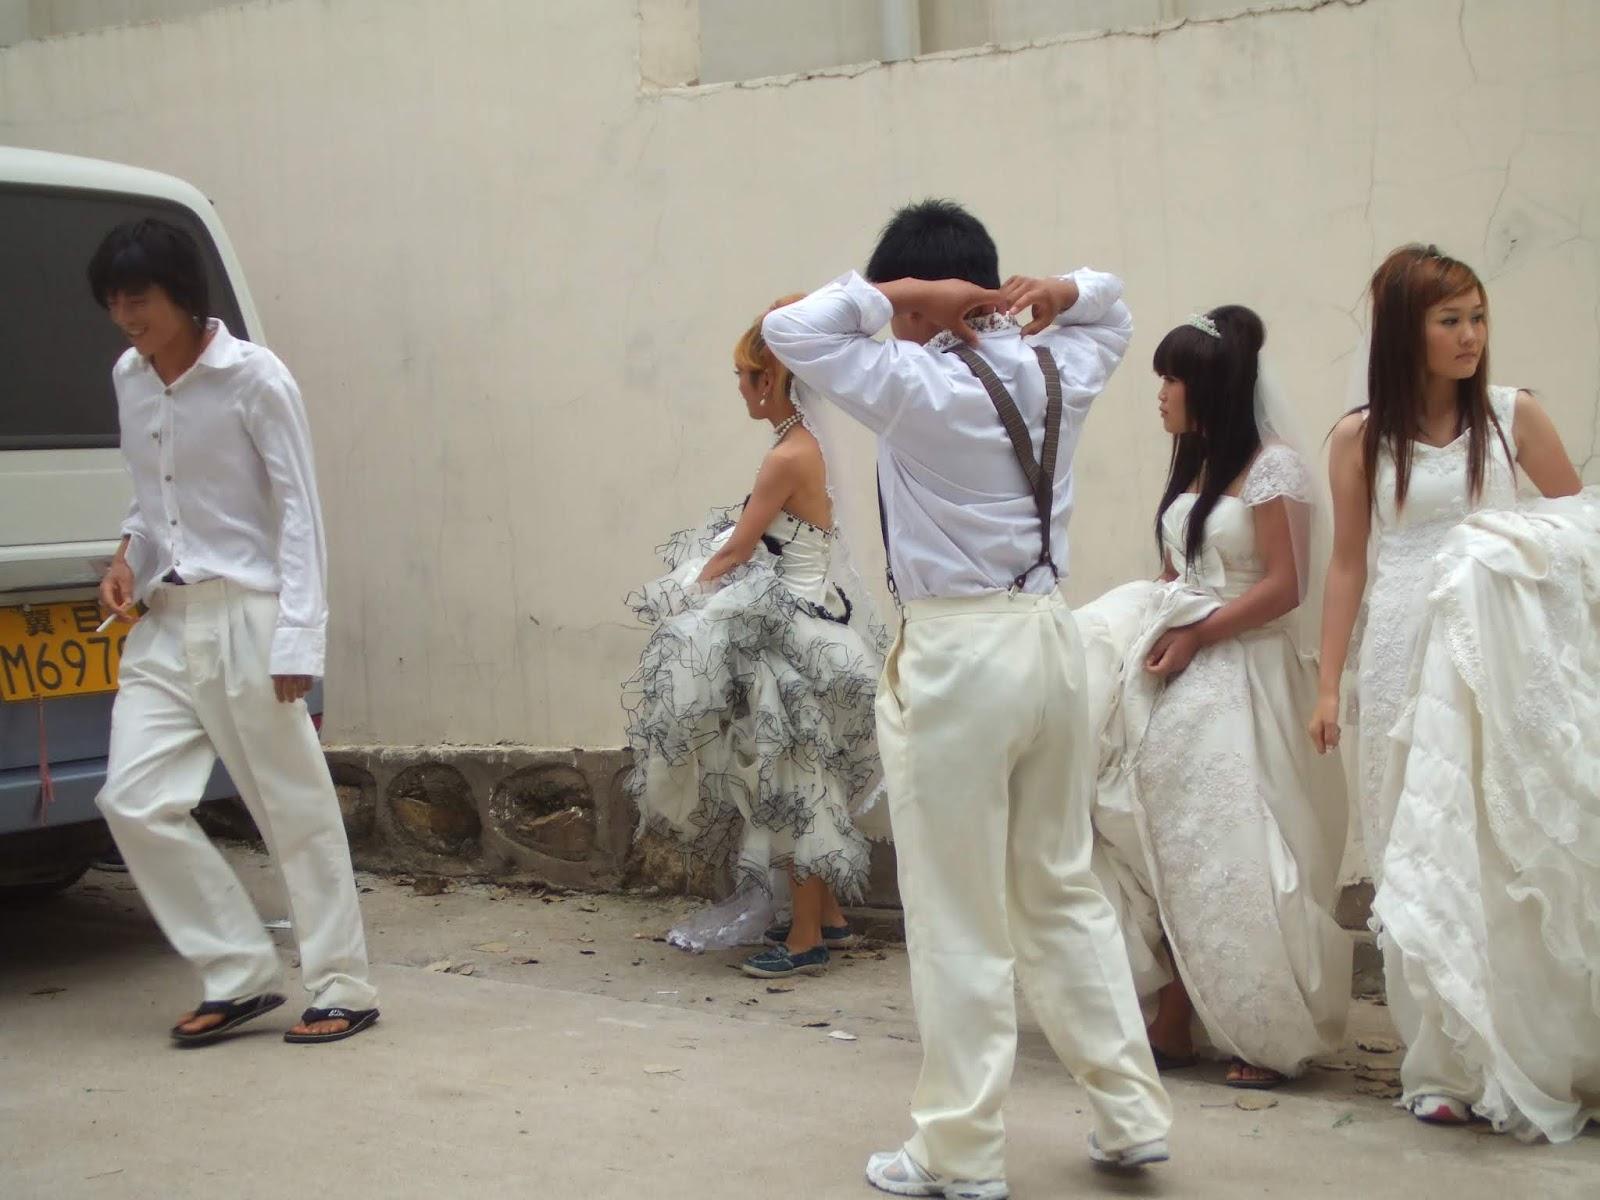 Menschen in weißer Kleidung vor weißer Mauer